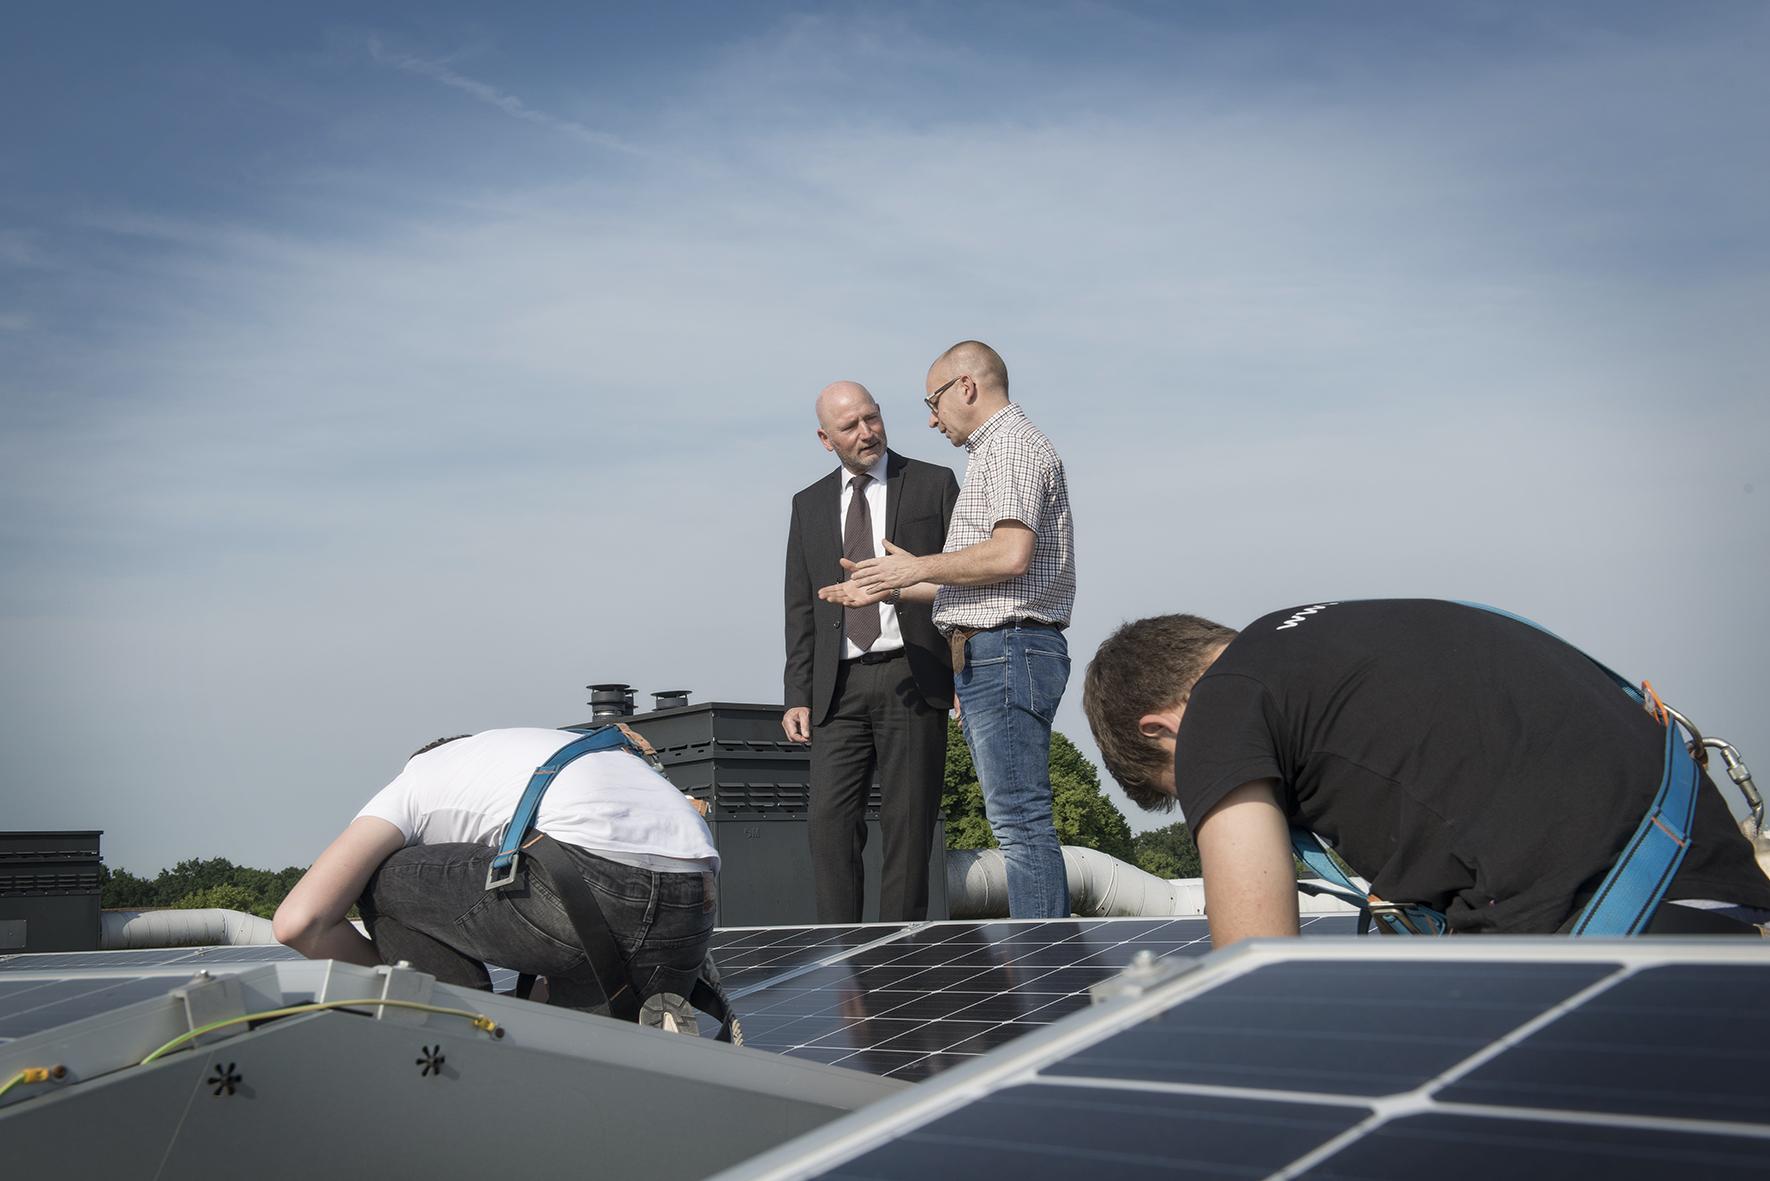 Klant in gesprek met advocaat, zonnepanelen installatie op dak